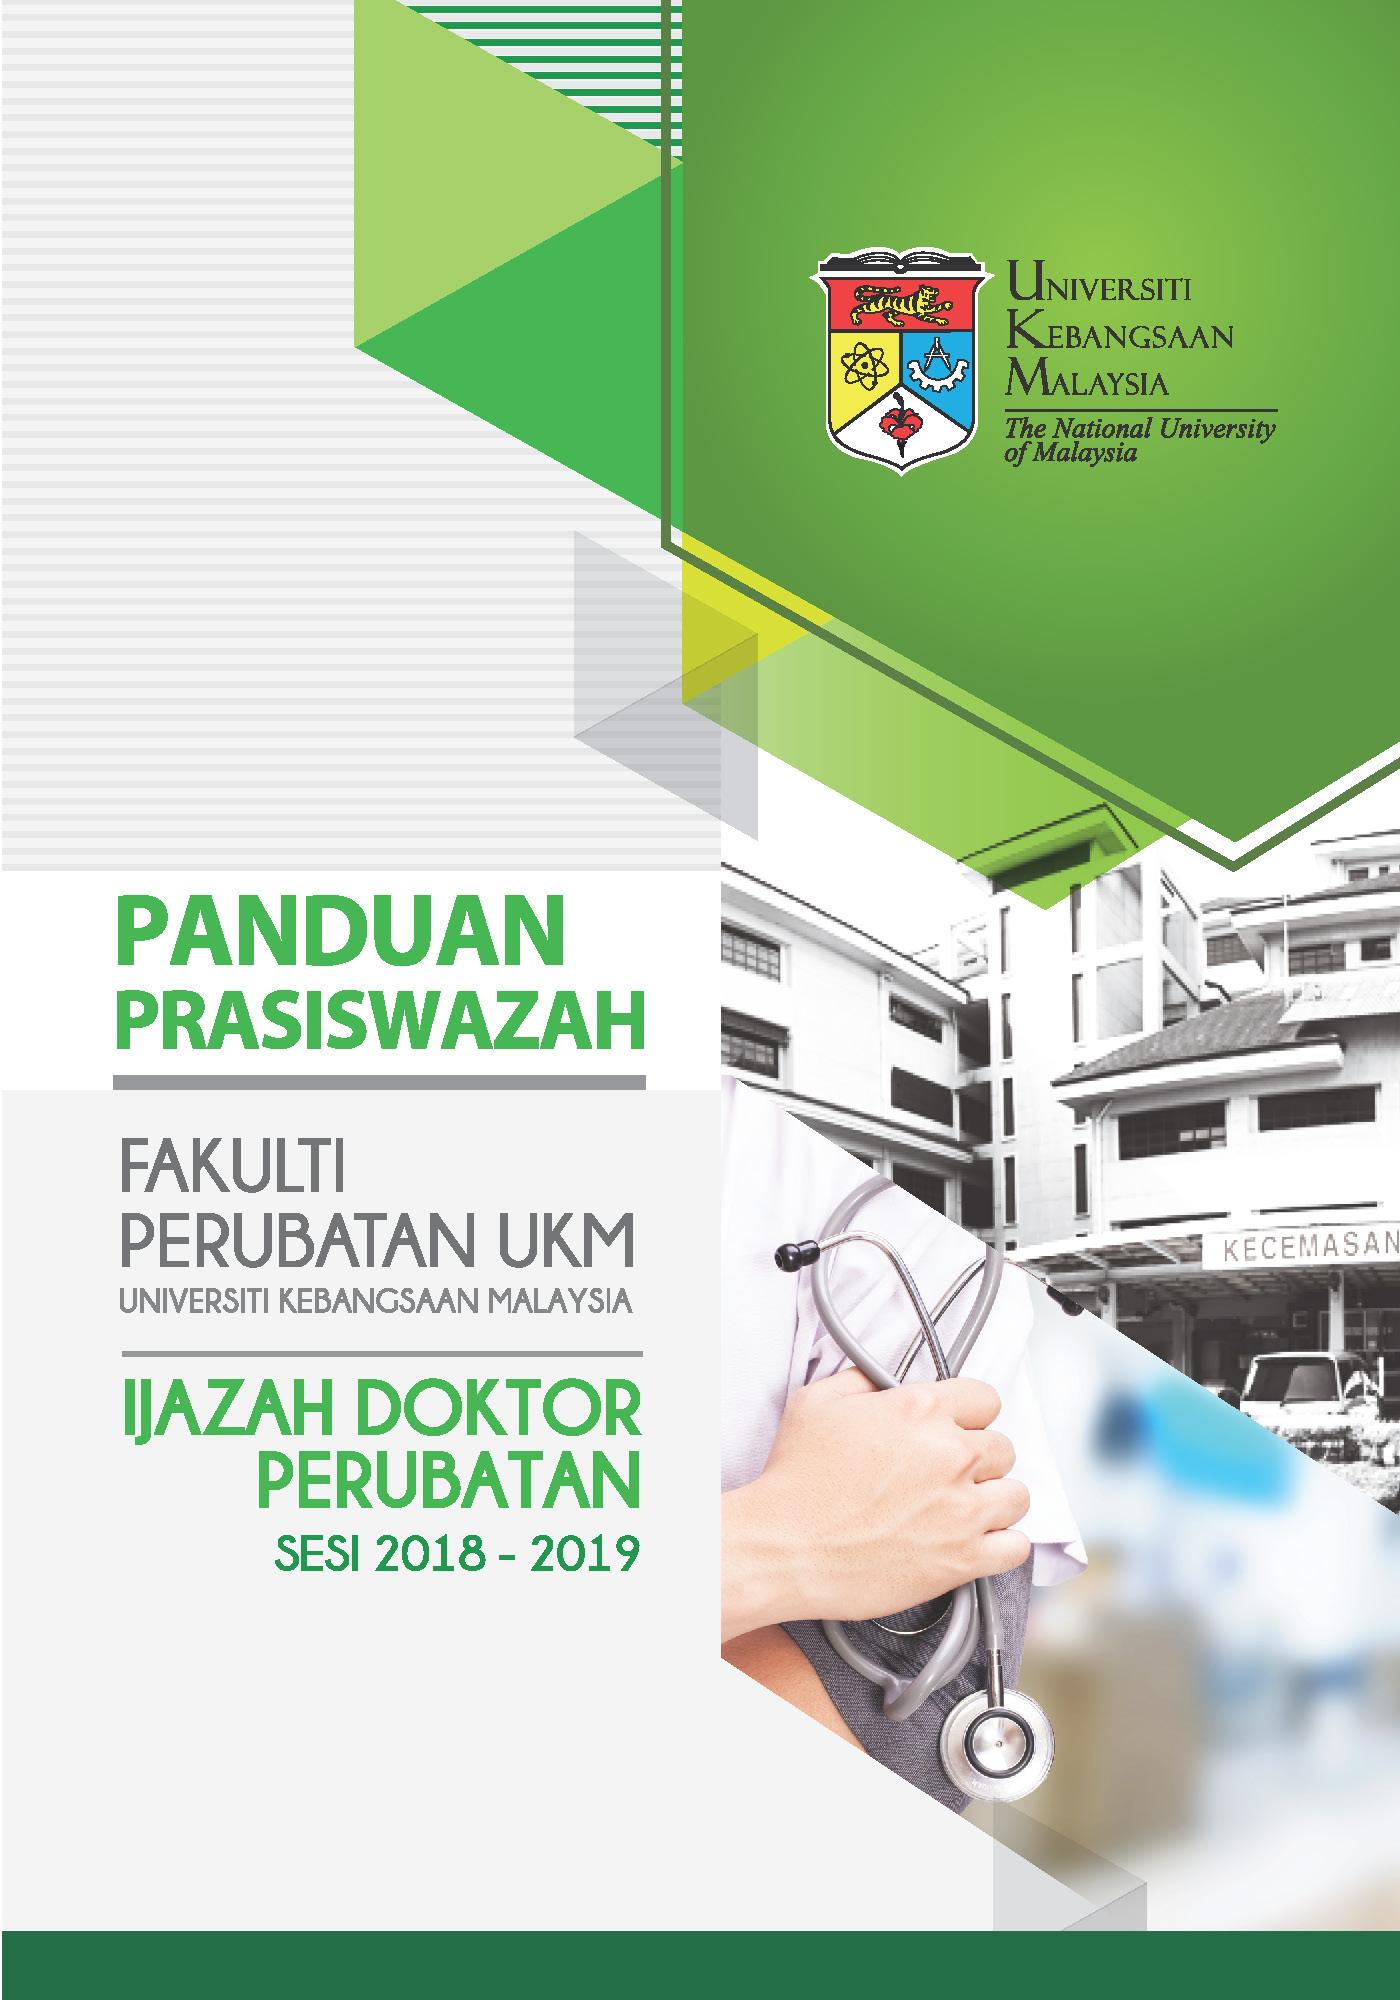 Program-Ijazah-Doktor-Perubatan-sesi-2018-2019 (1)_Page_001